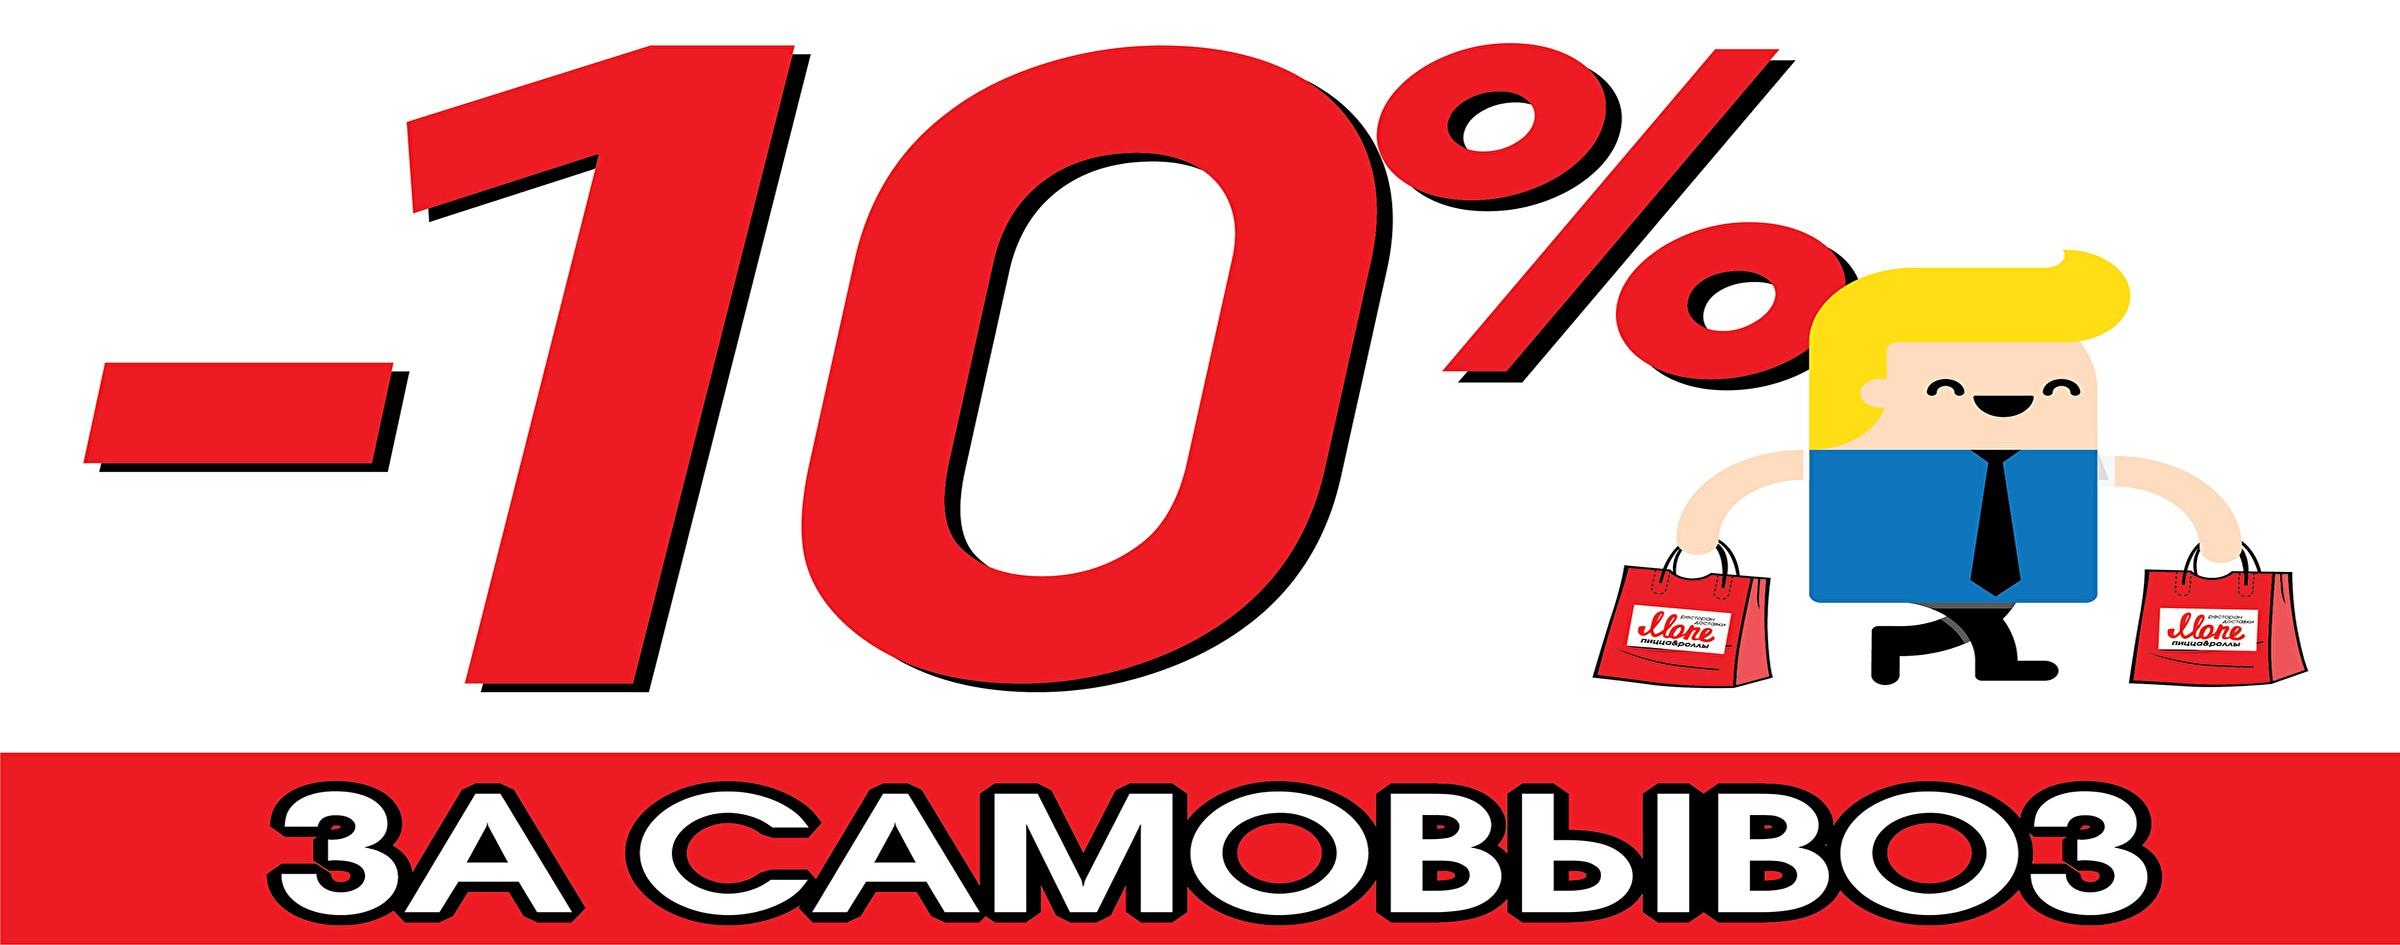 Скидка 10% при самовывозе!